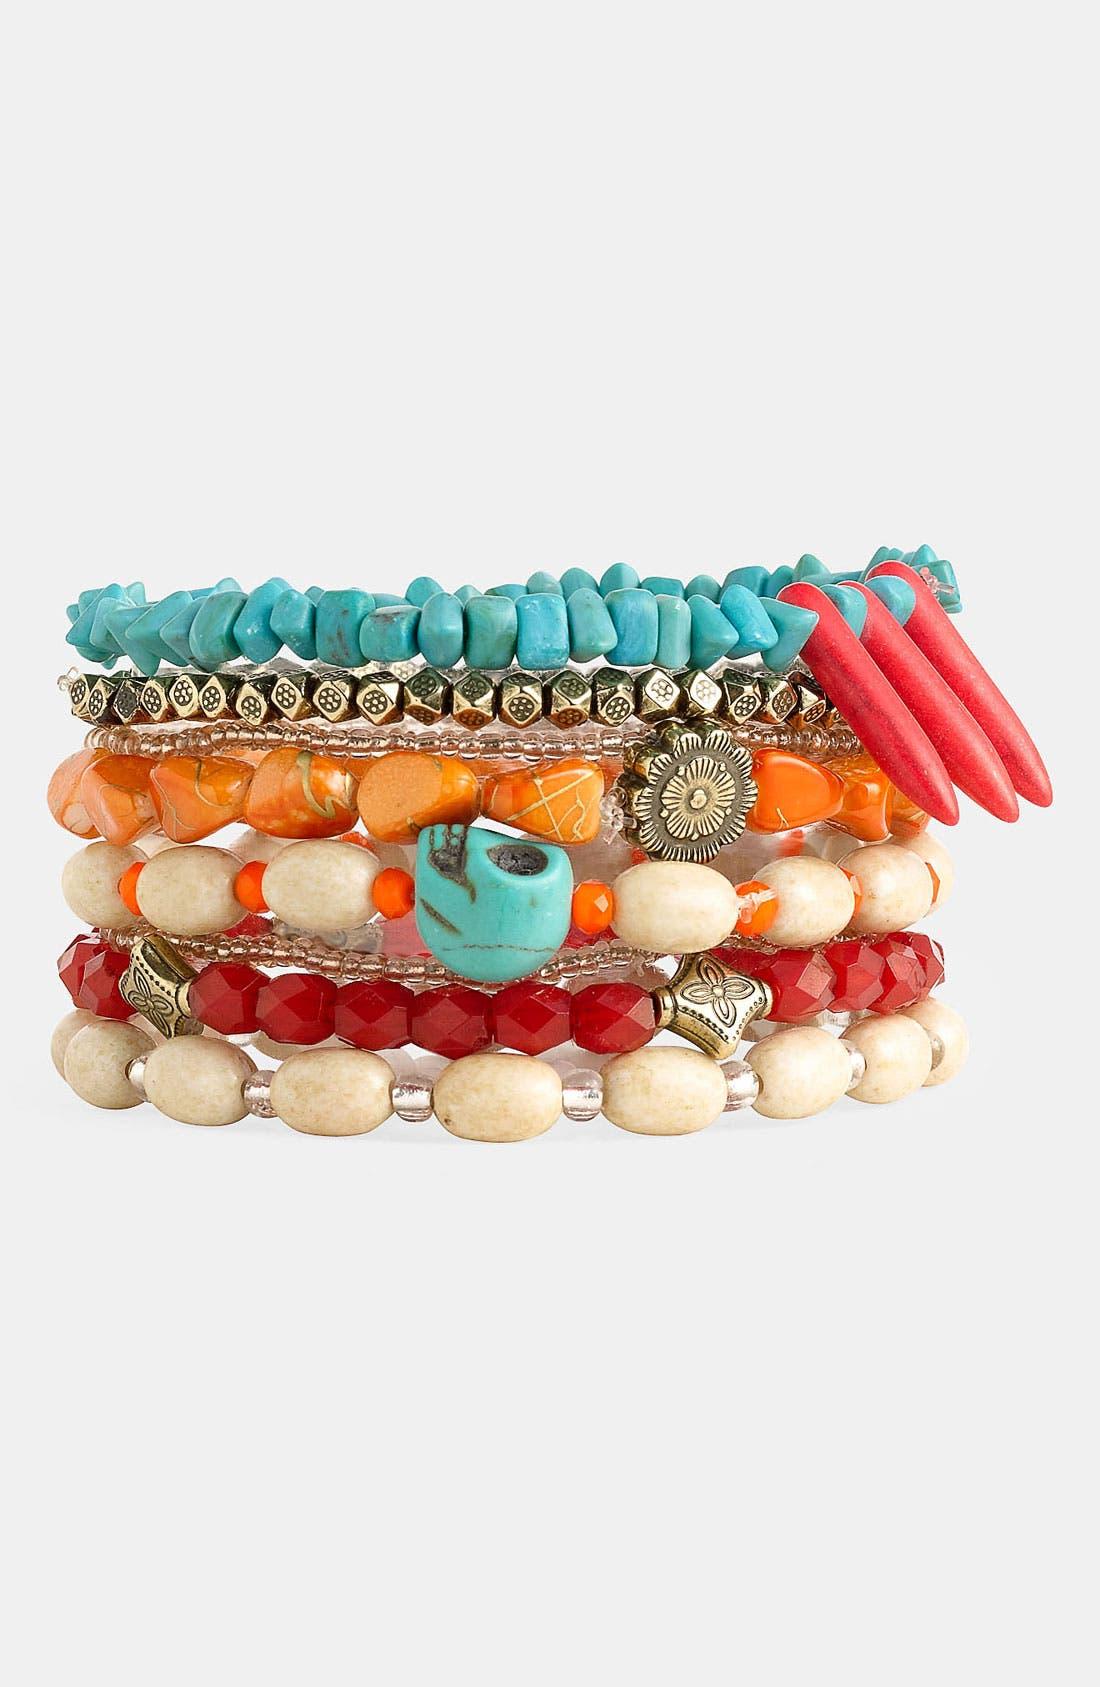 Main Image - Spring Street Design Group Stretch Bracelets (Set of 8) (Nordstrom Exclusive)